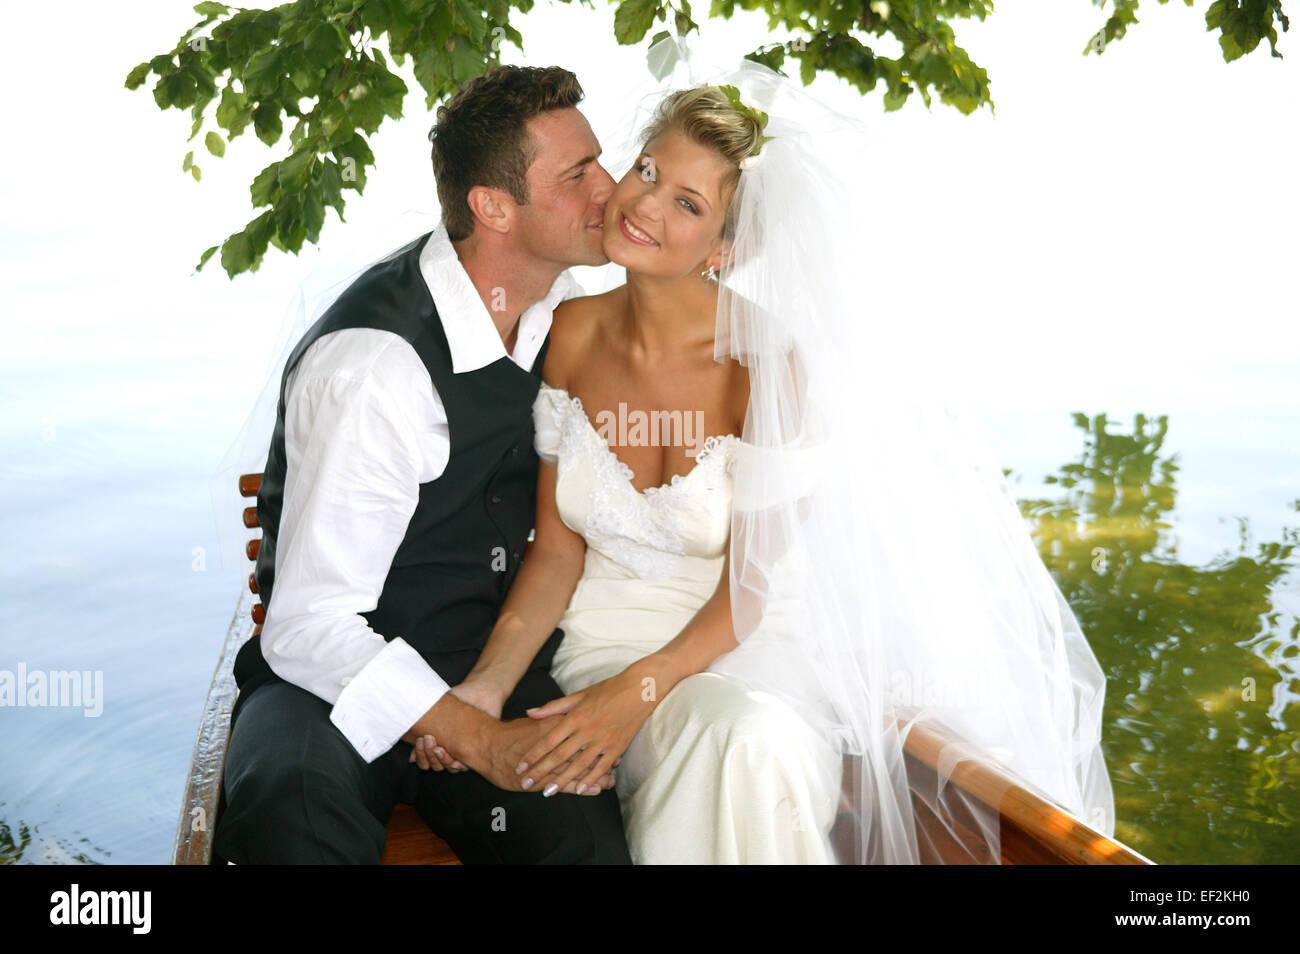 Paar Brautpaar Braut Braeutigam Aussen Sommer